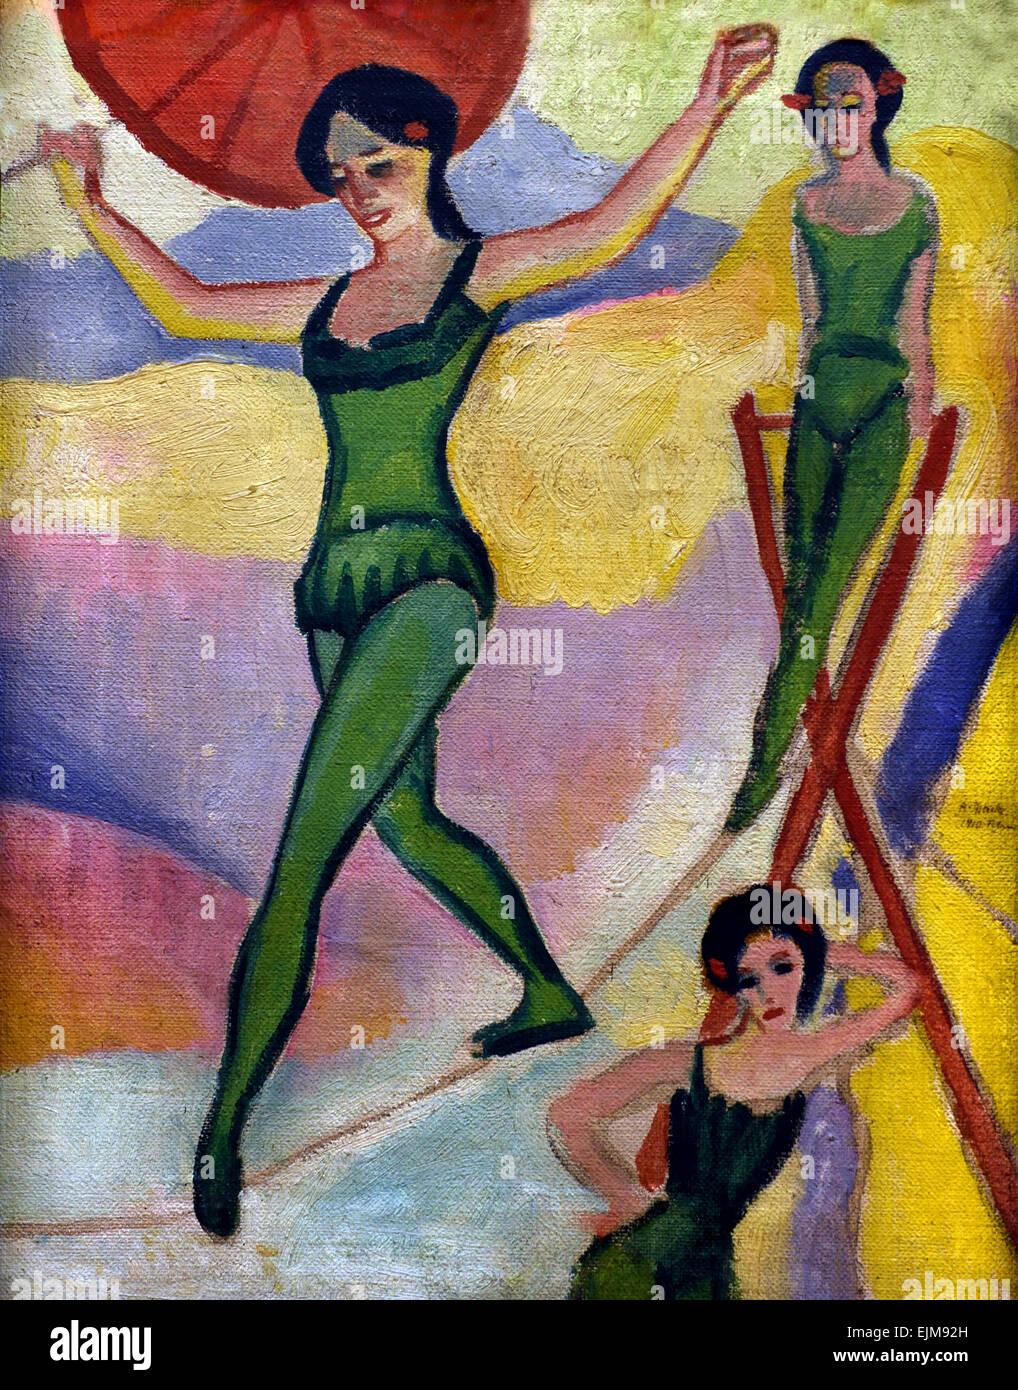 Seiltänzerinnen - Fune ballerini 1910 August Macke 1887-1914 il tedesco in Germania Immagini Stock